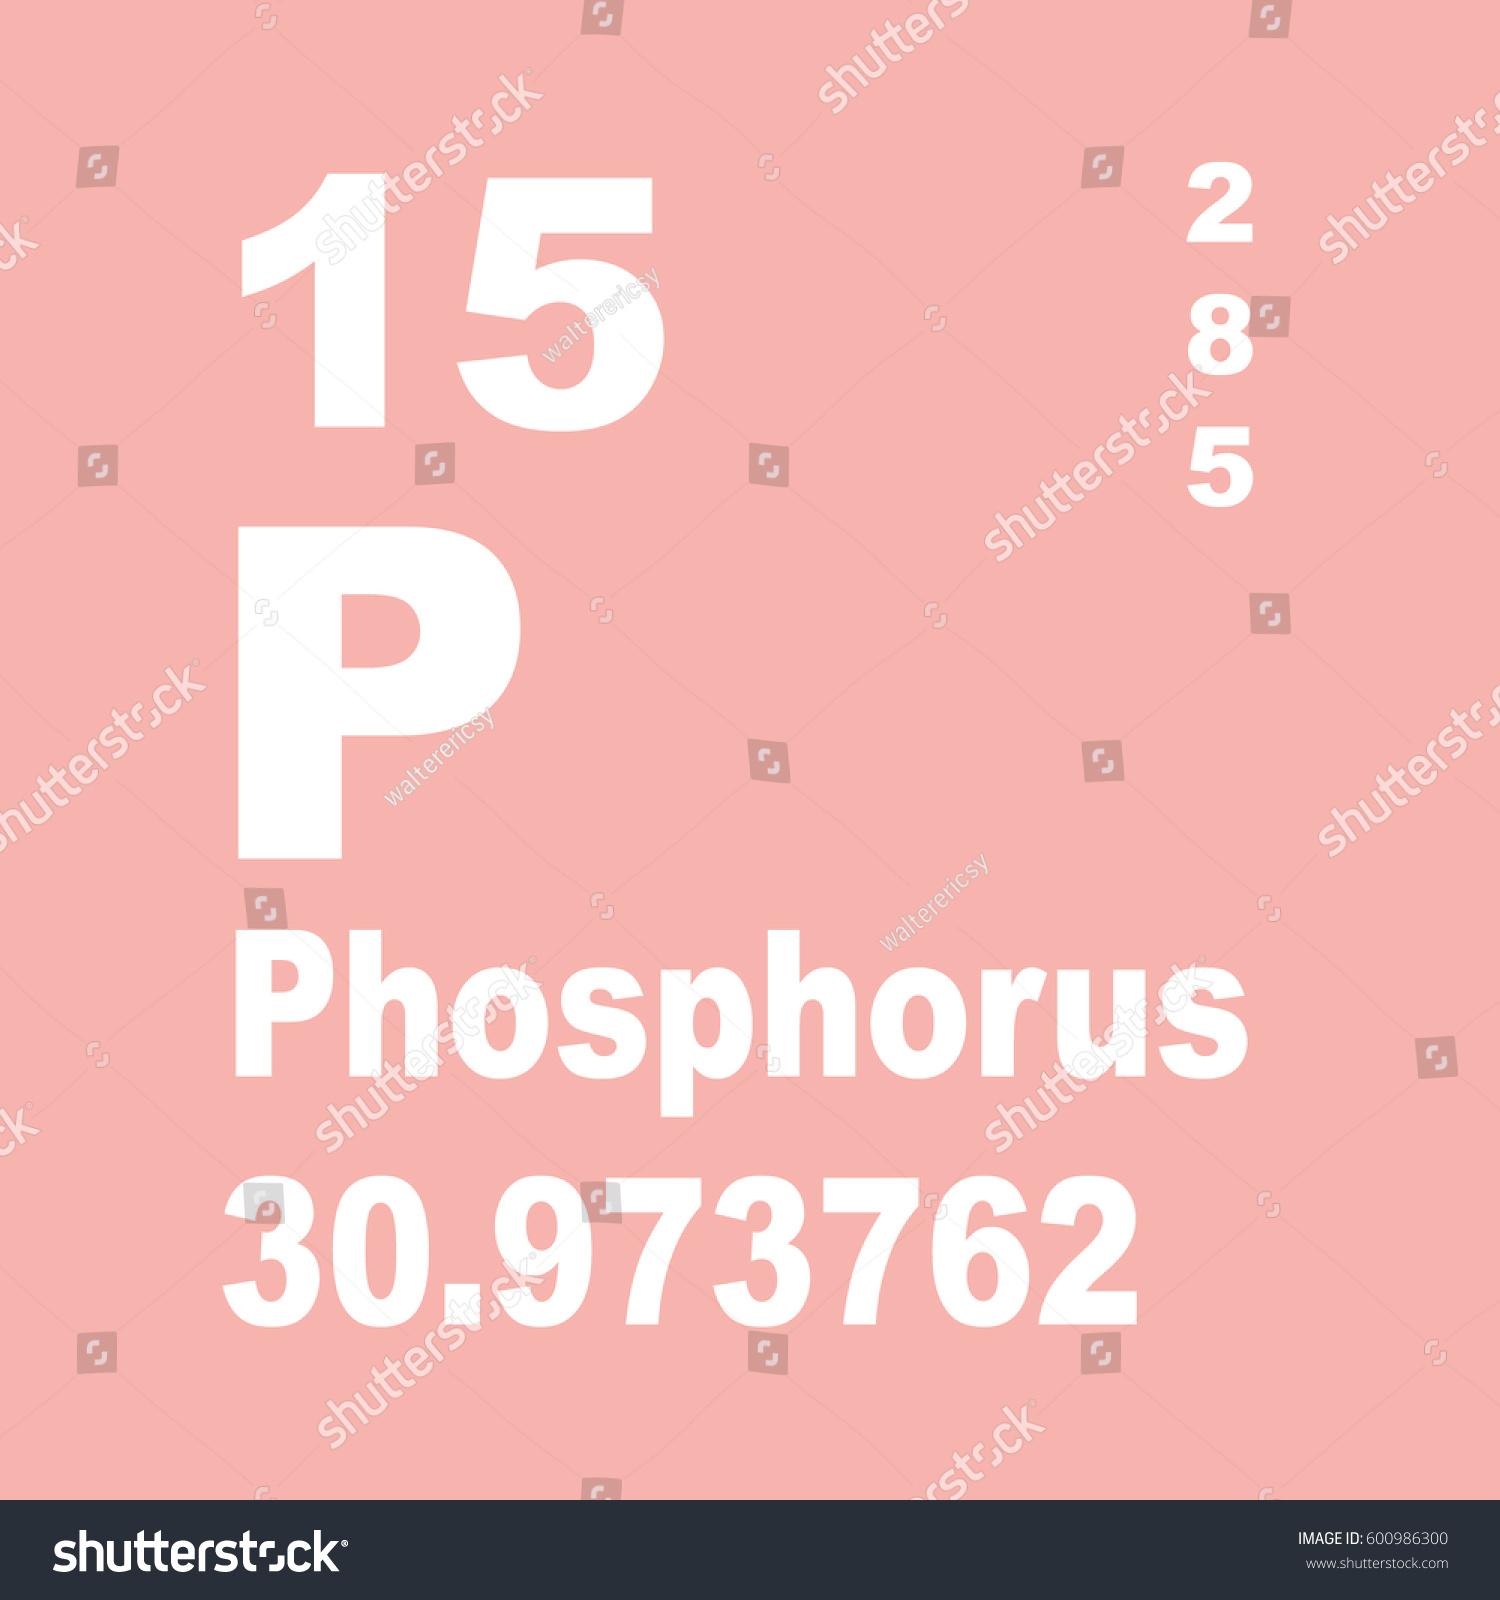 Phosphorus periodic table elements stock illustration 600986300 phosphorus periodic table of elements gamestrikefo Gallery